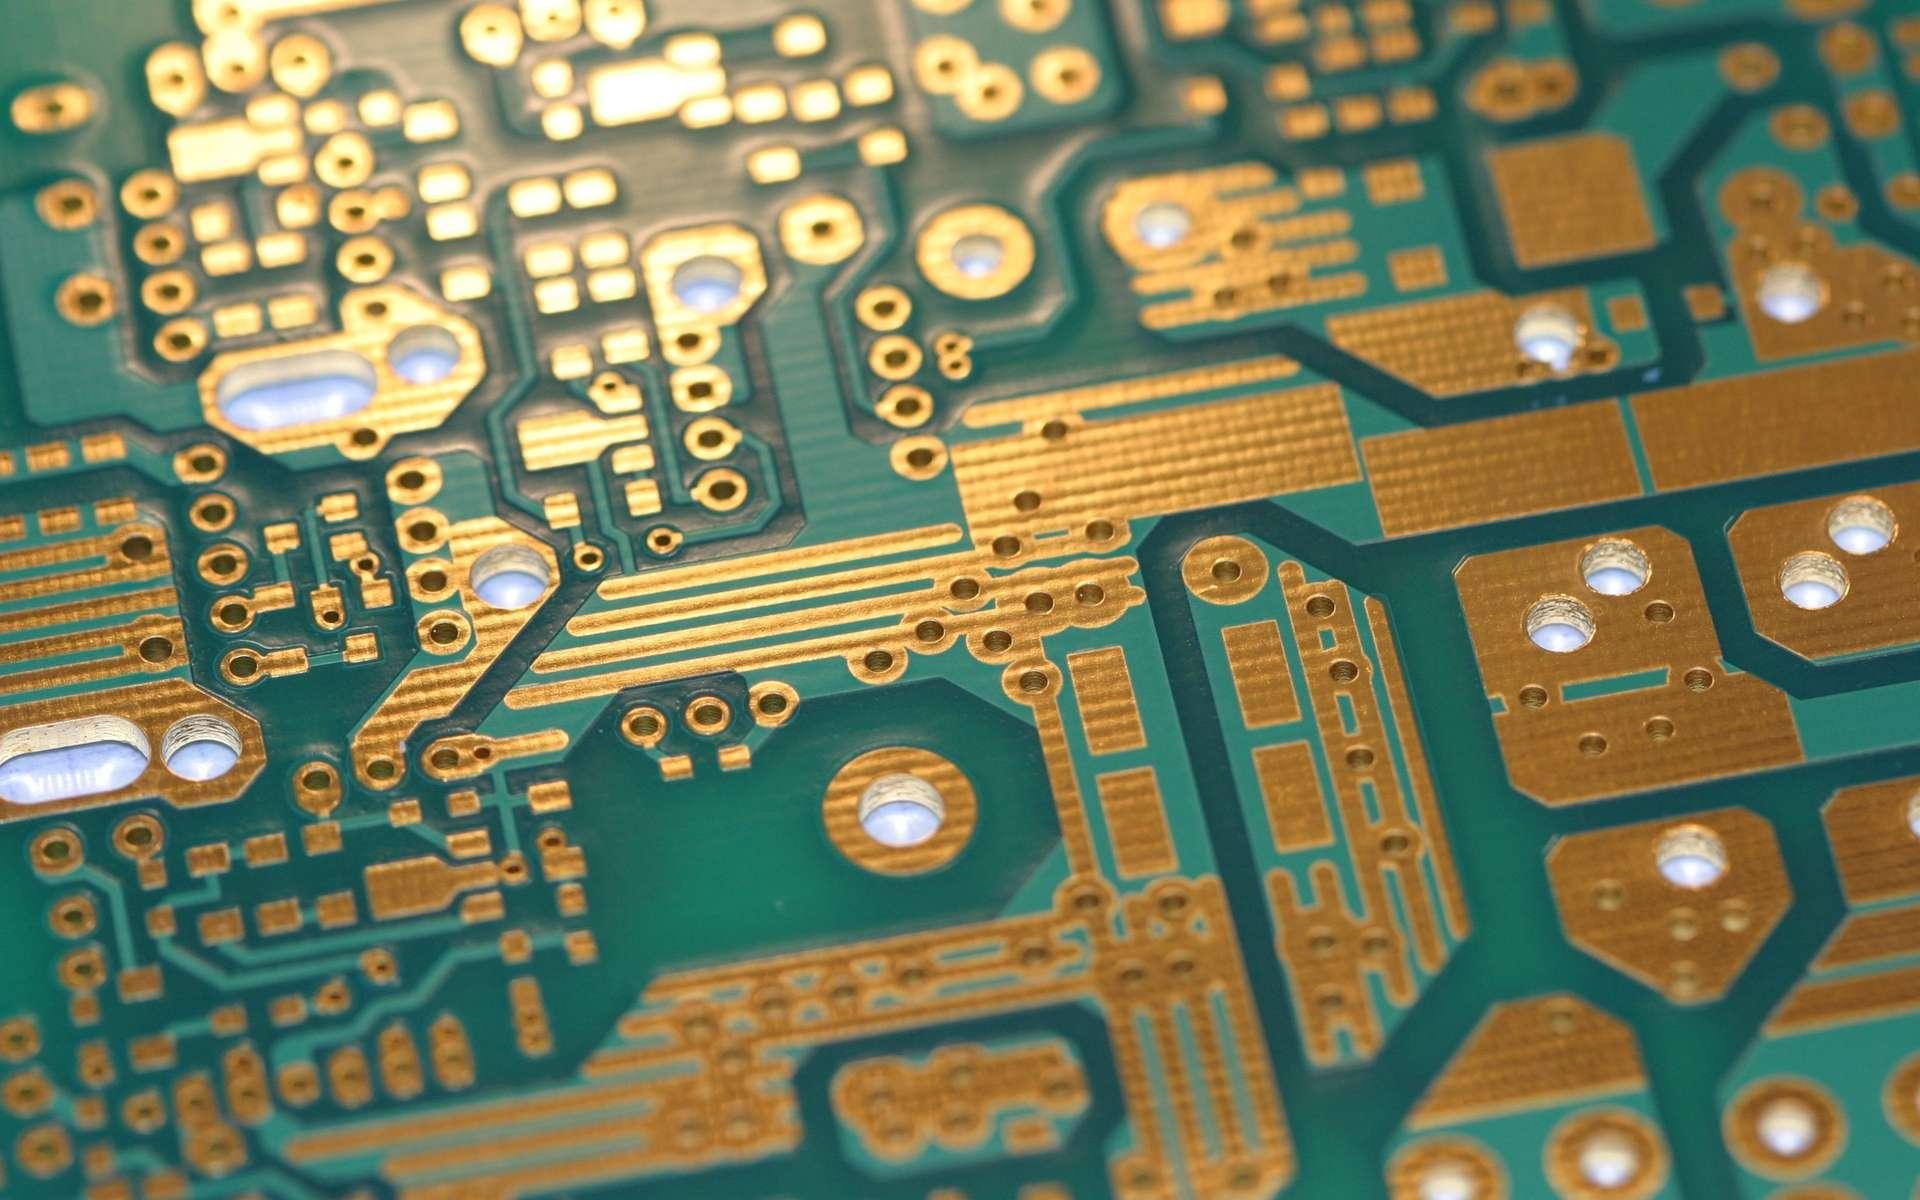 Les chercheurs de l'université de Rice proposent leur propre interprétation de ce qu'est l'électronique comestible : elle consiste à graver des composés électroniques en graphène sur des noix de coco, entre autres... © Public Domain Pictures